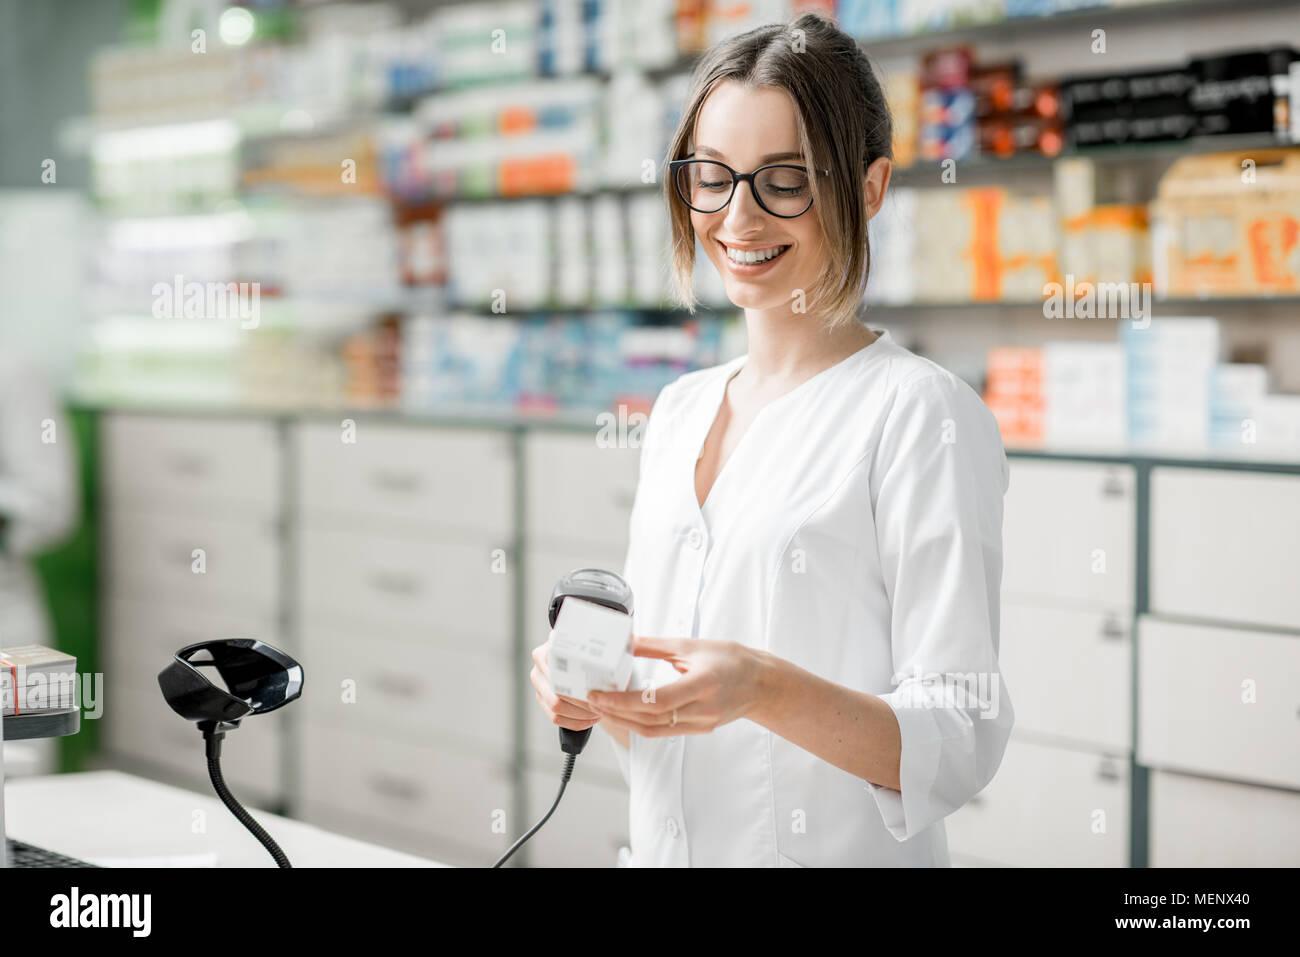 Apotheker Verkaufs von Arzneimitteln in der Apotheke Stockbild